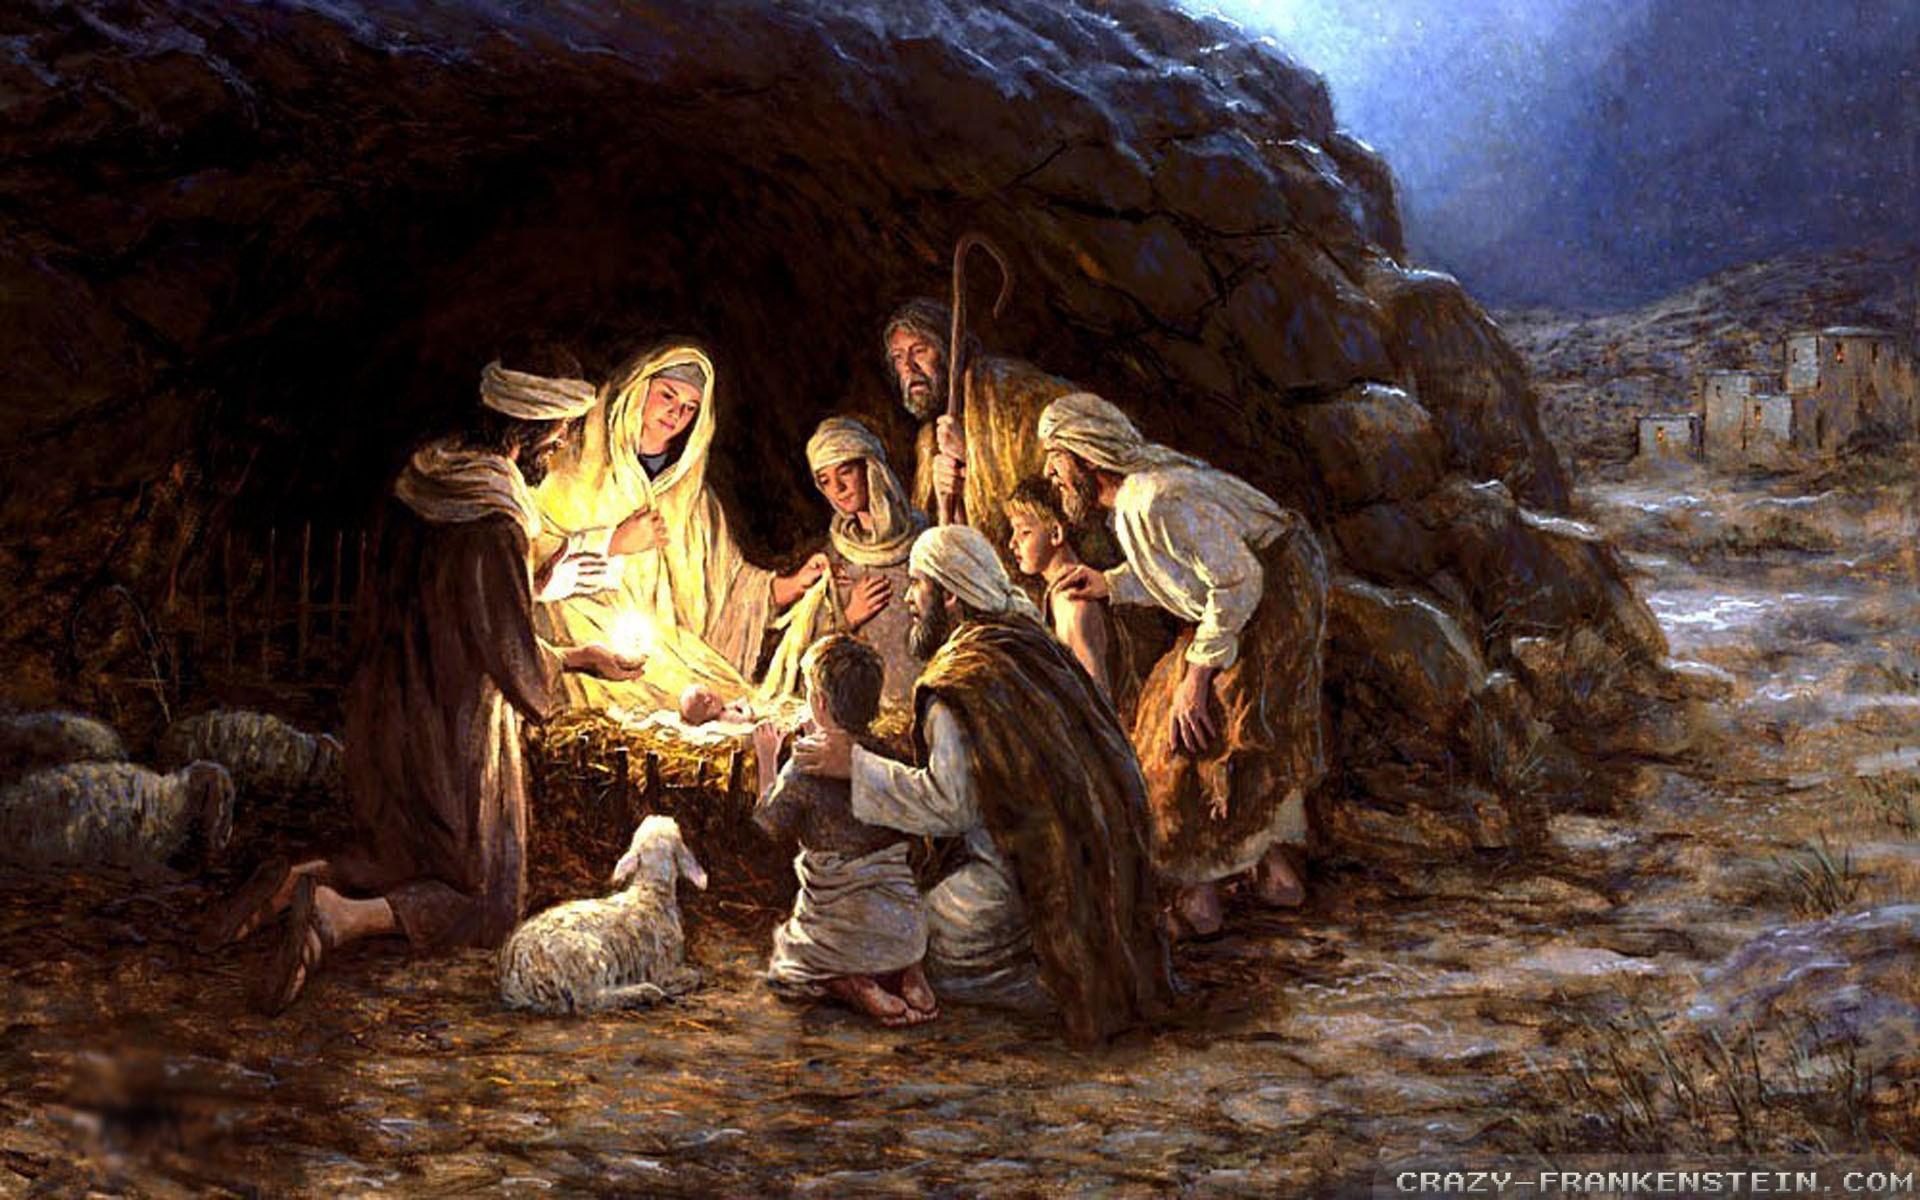 Jėzus kristus, kūdikis.